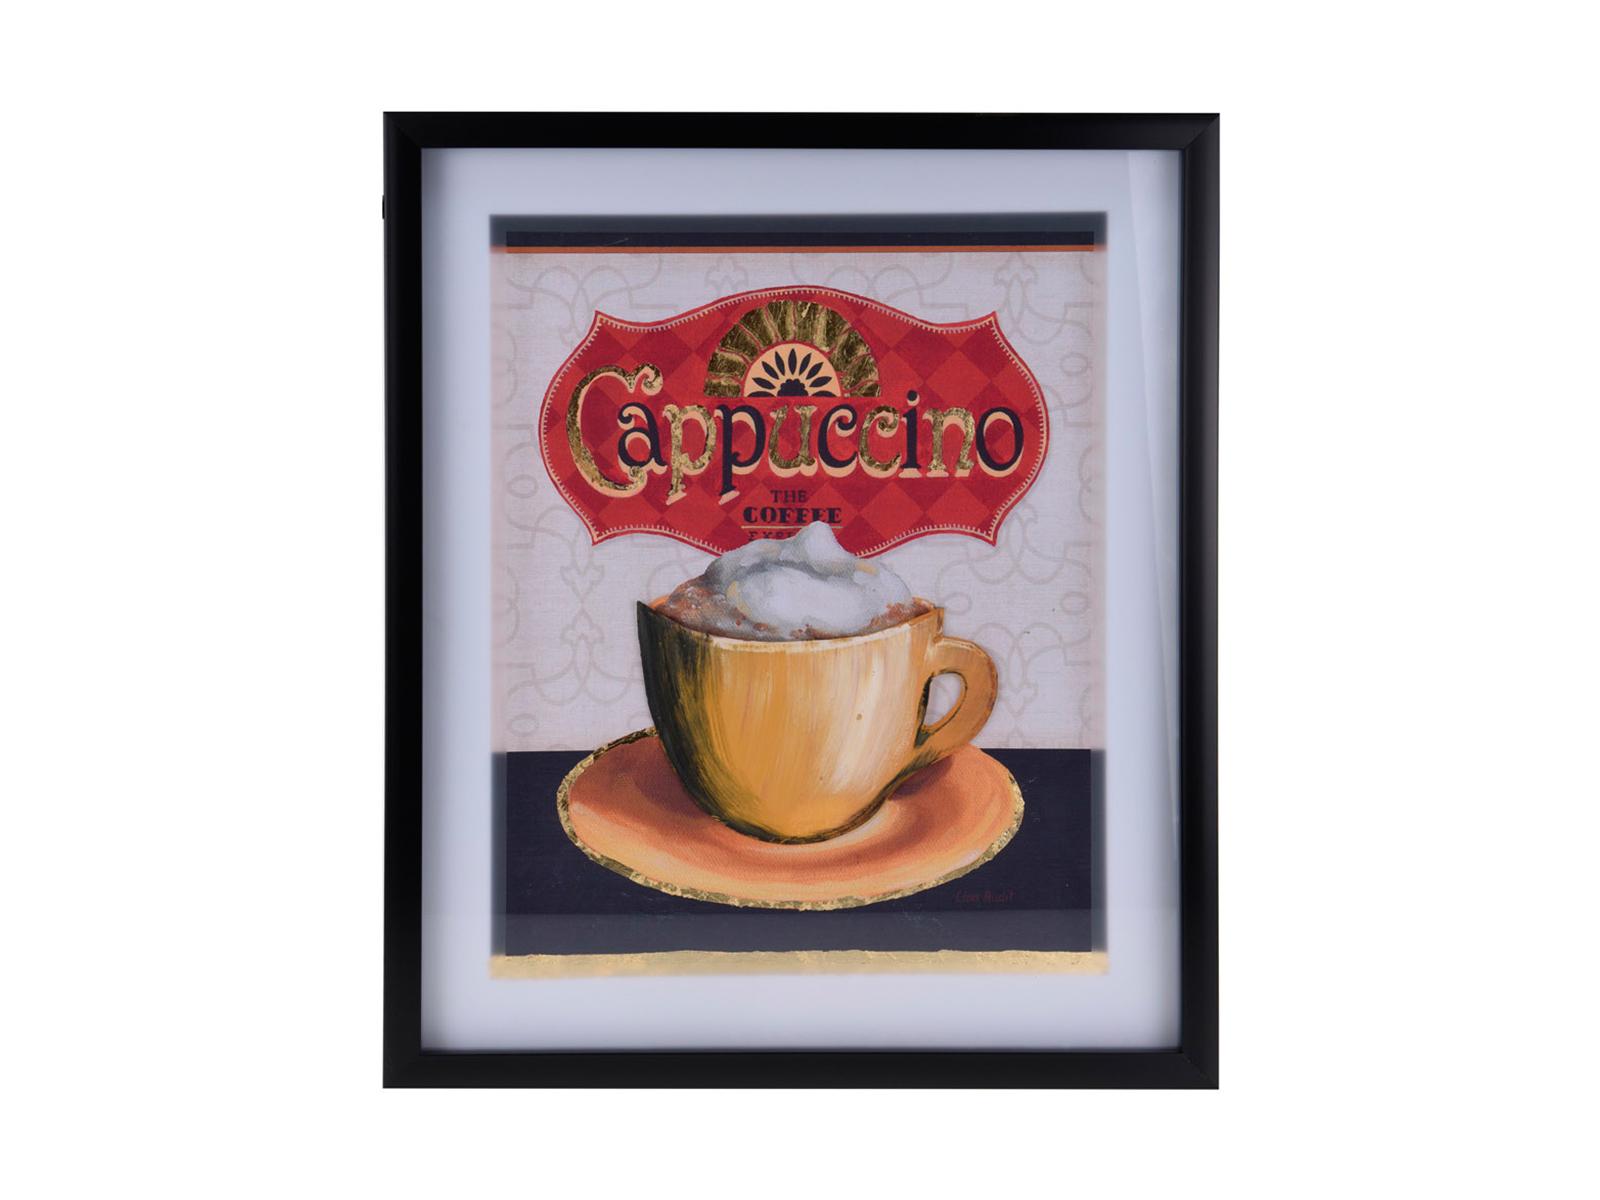 Постер Coffee TimeПостеры<br>Постер декоративный, на деревянной основе<br>